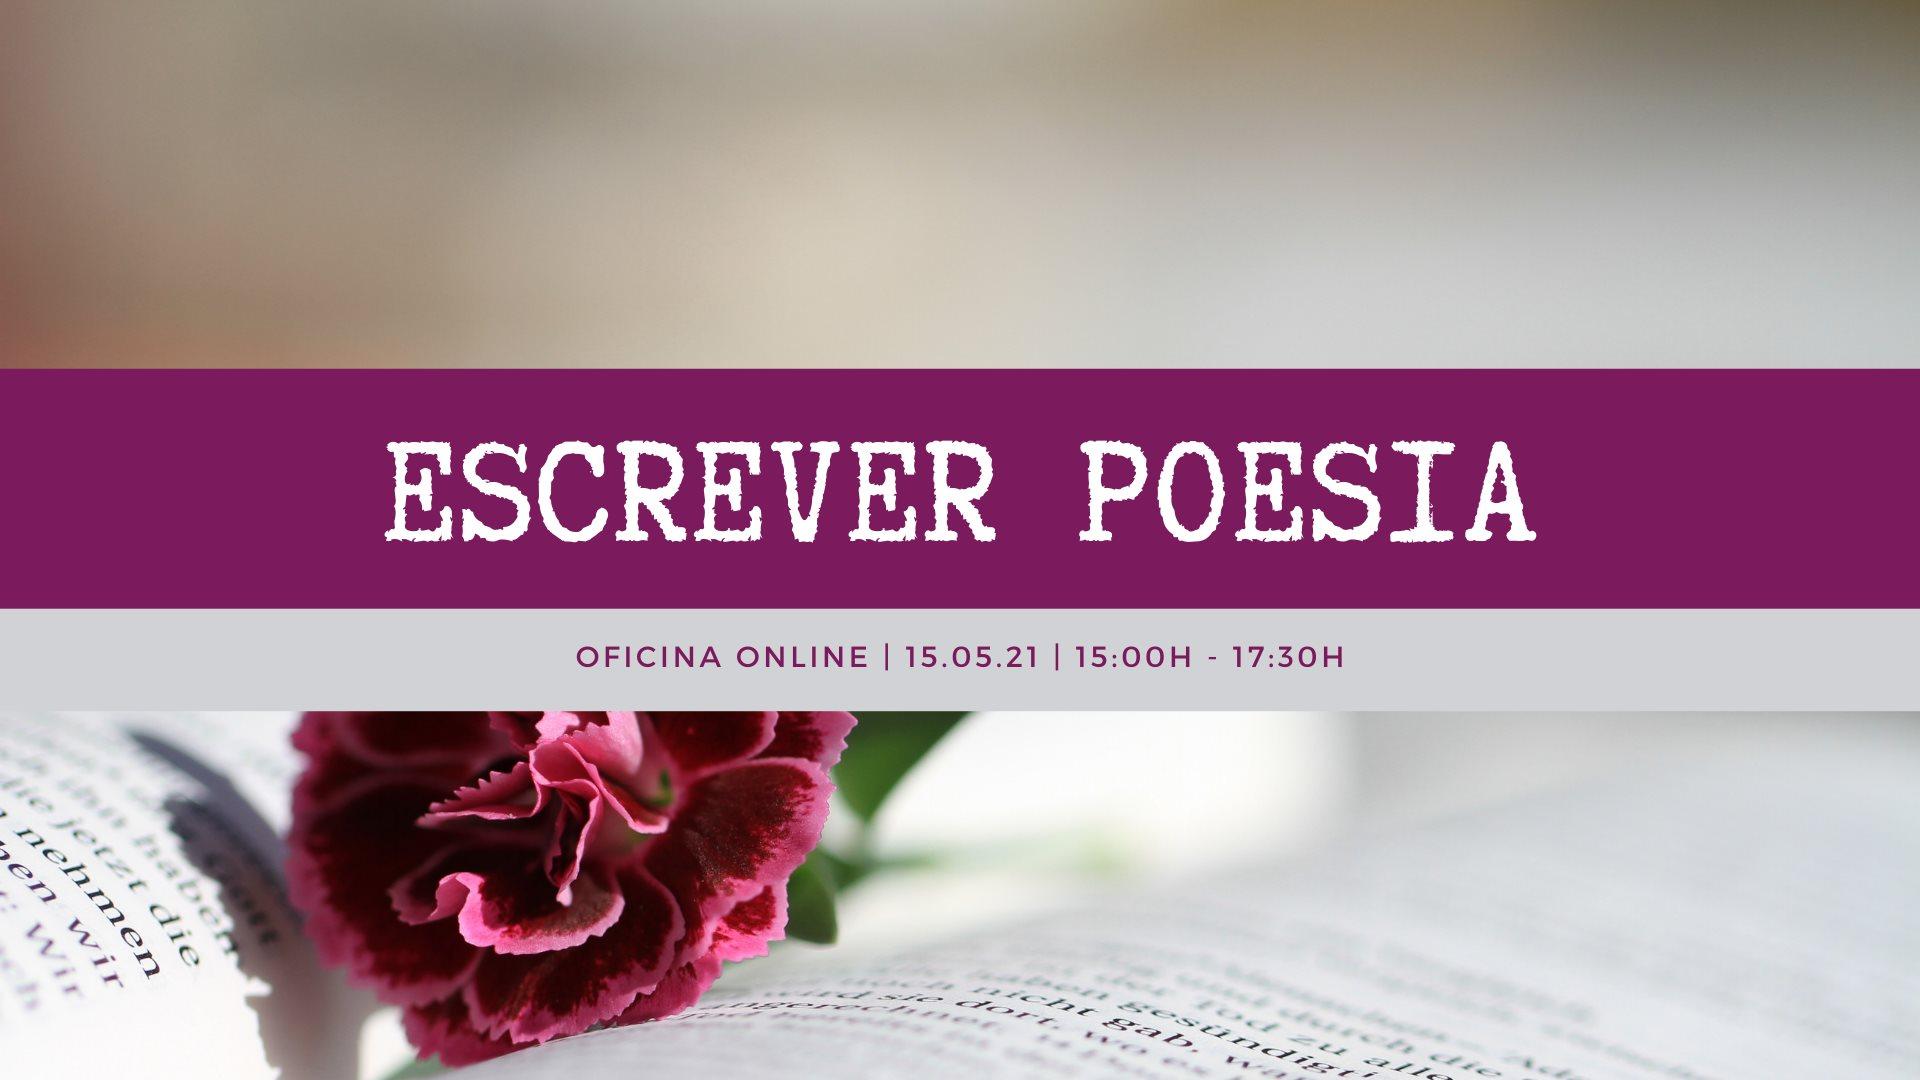 Oficina Online 'Escrever Poesia' - 2ª edição